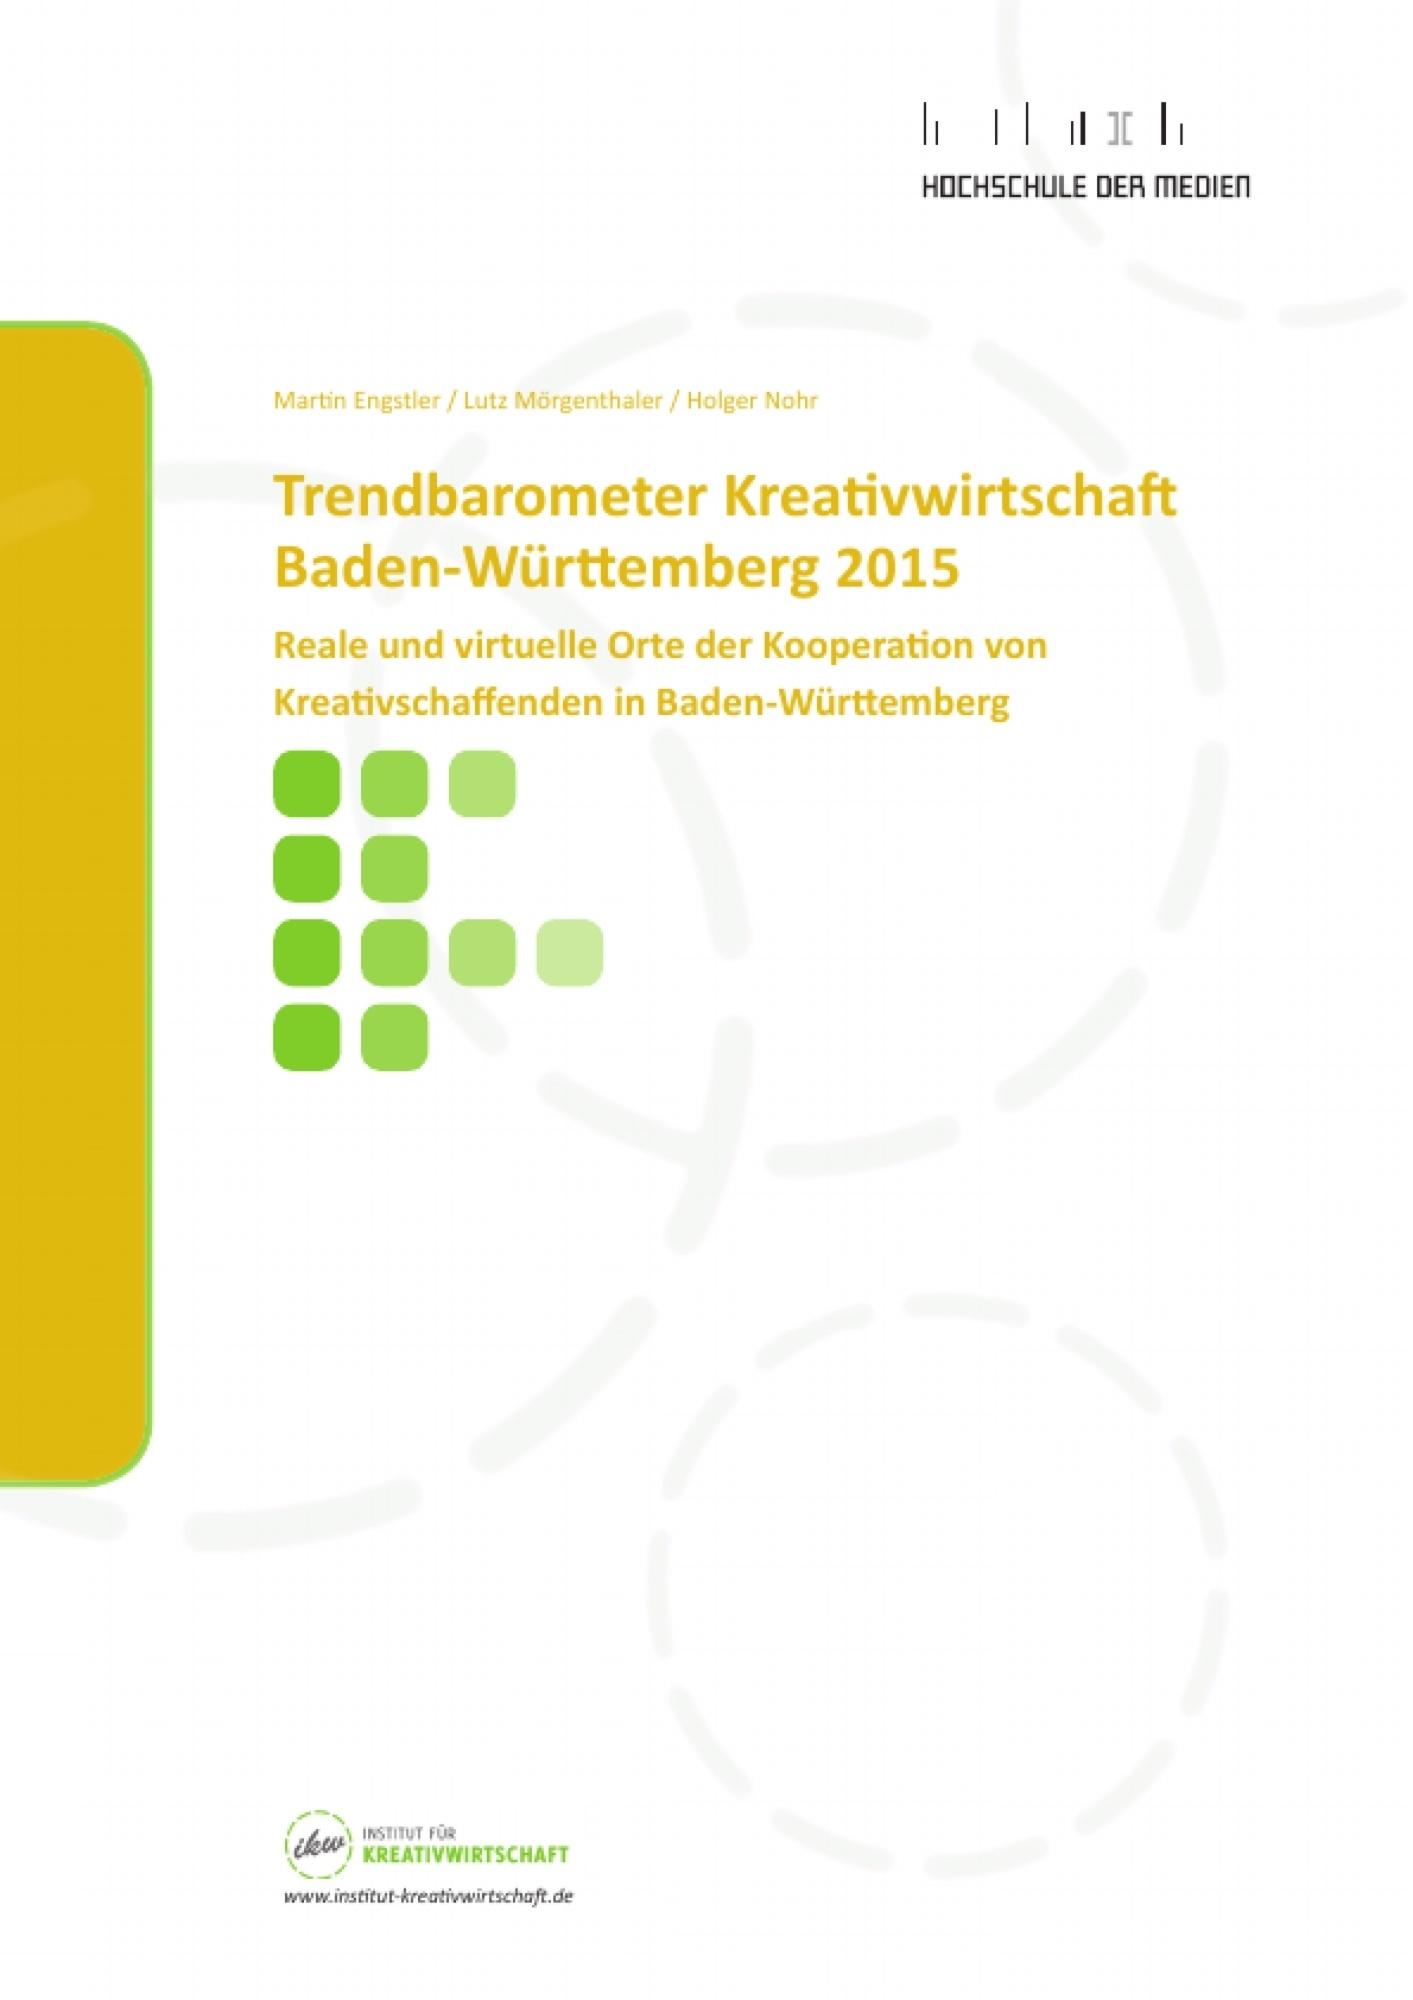 Titel: Trendbarometer Kreativwirtschaft Baden-Württemberg 2015